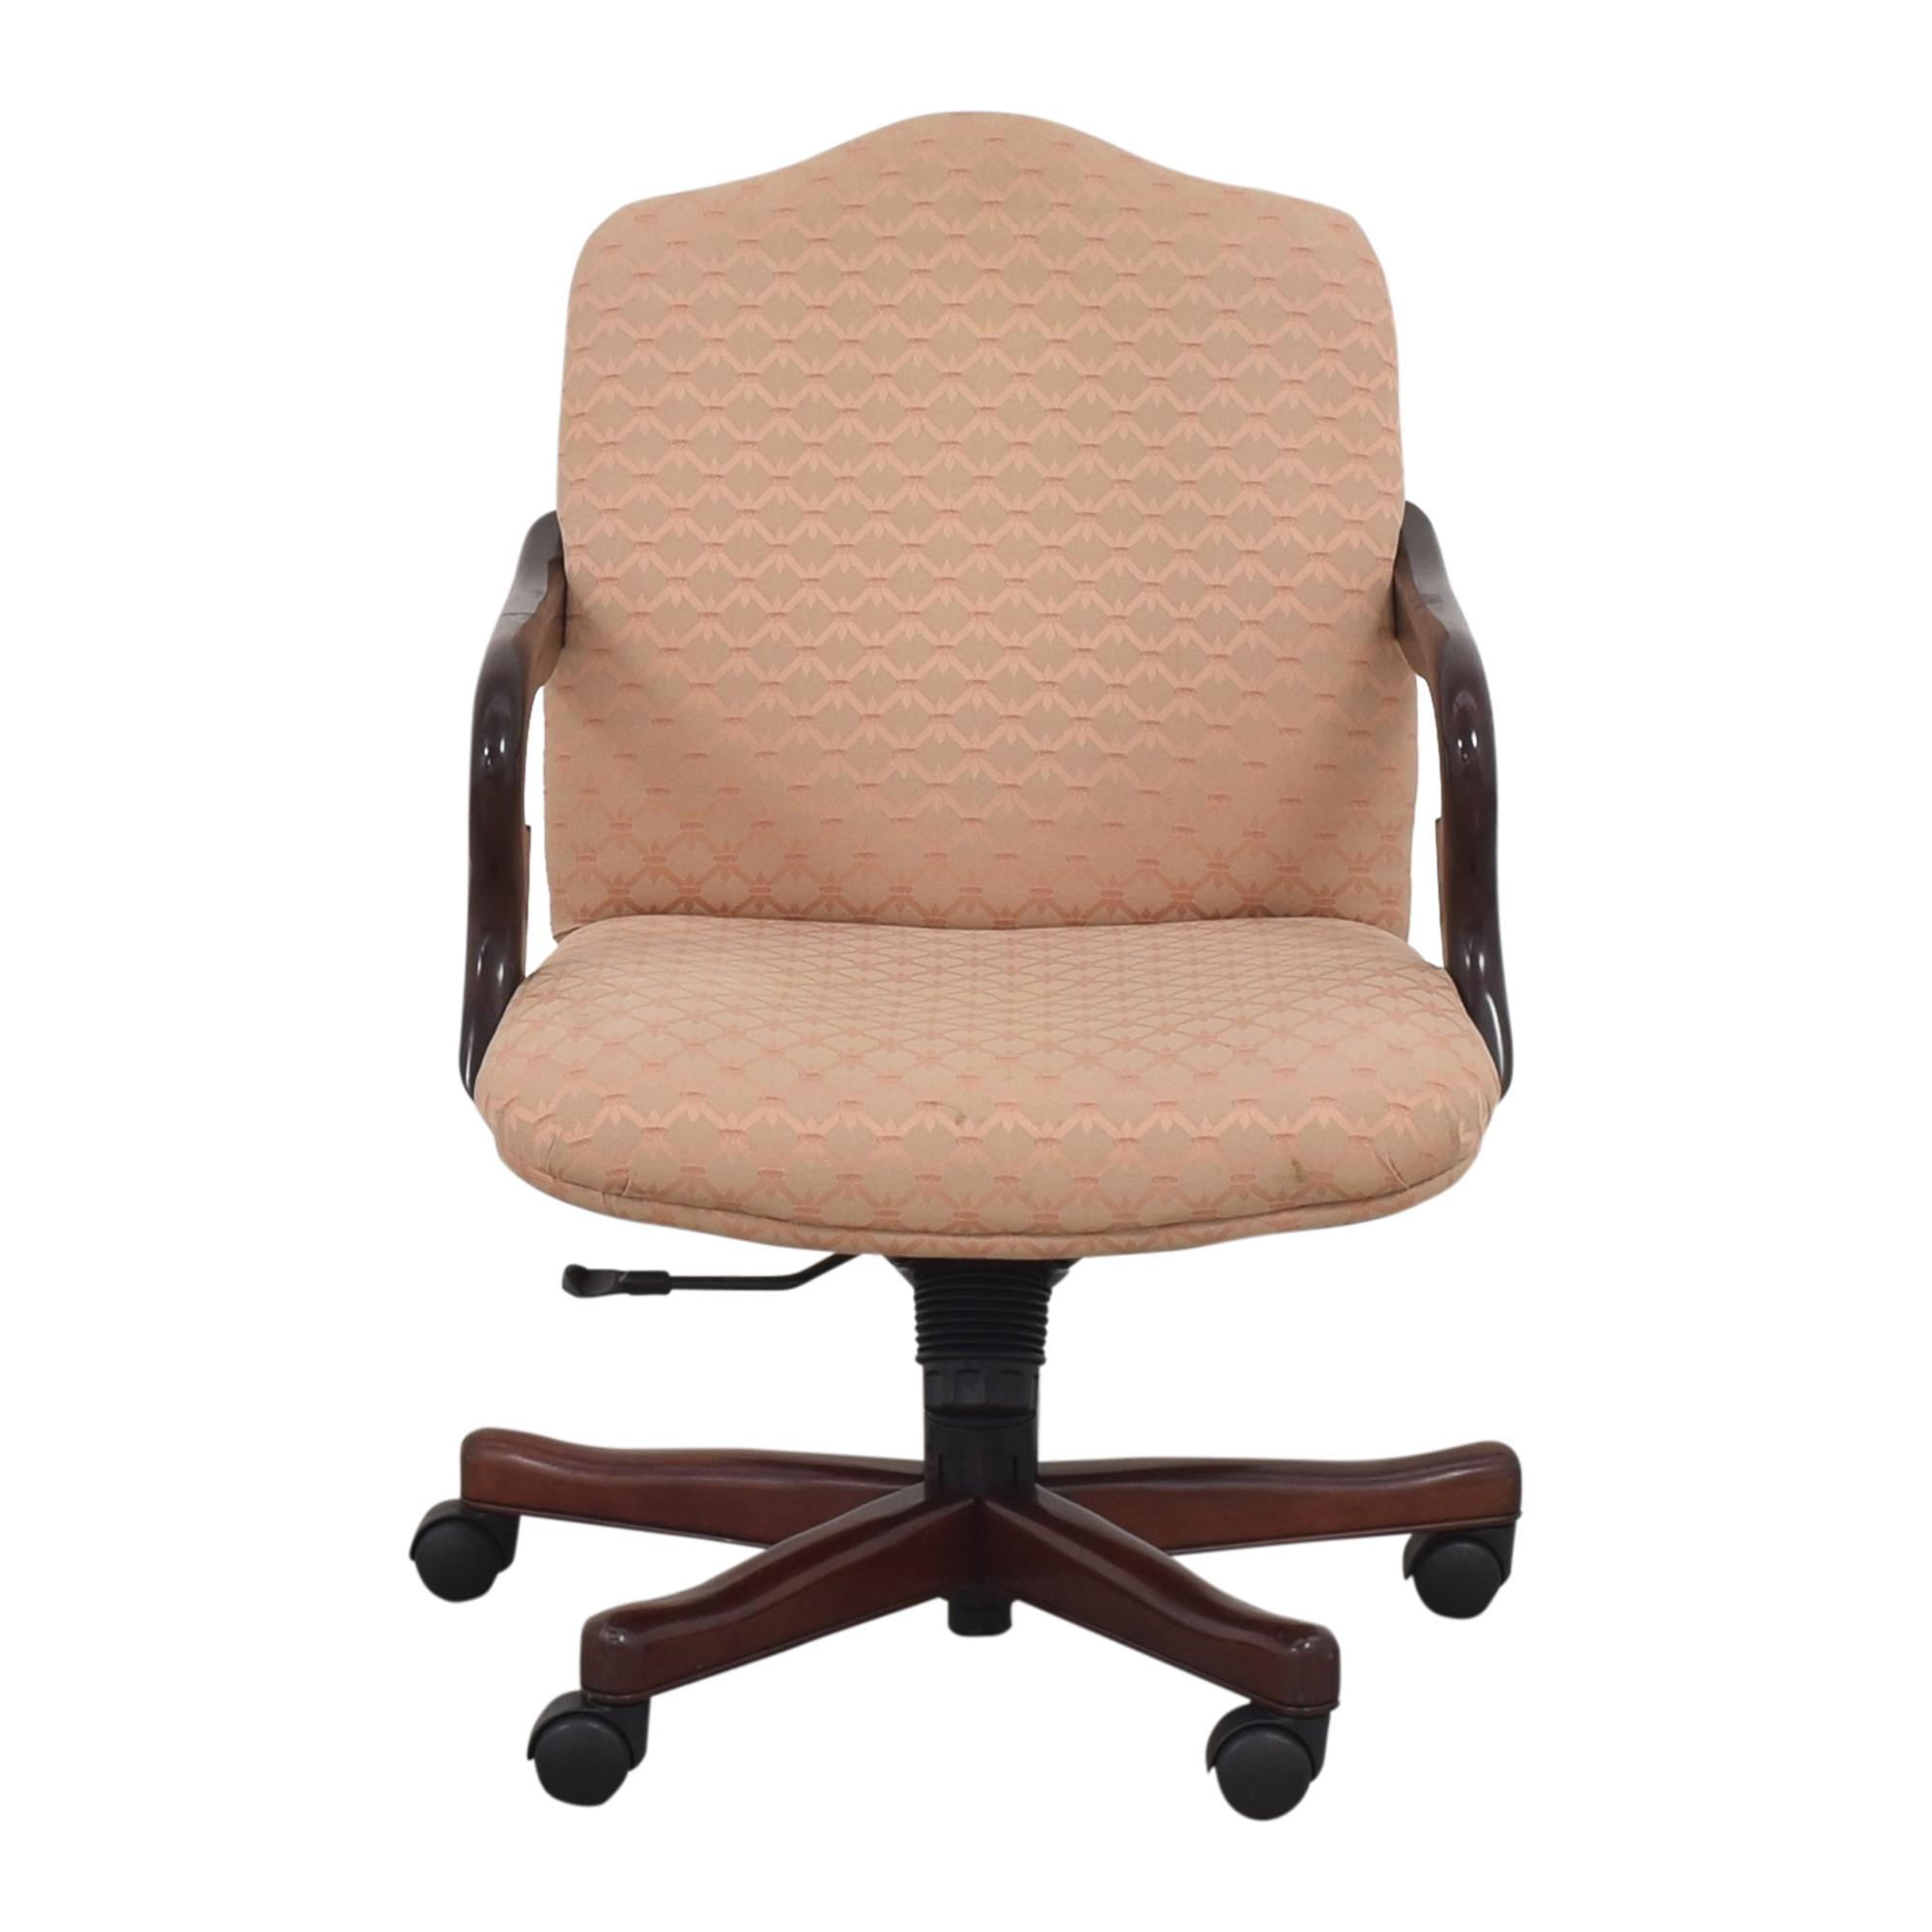 Jofco Jofco Swivel Tilt Office Chair Chairs